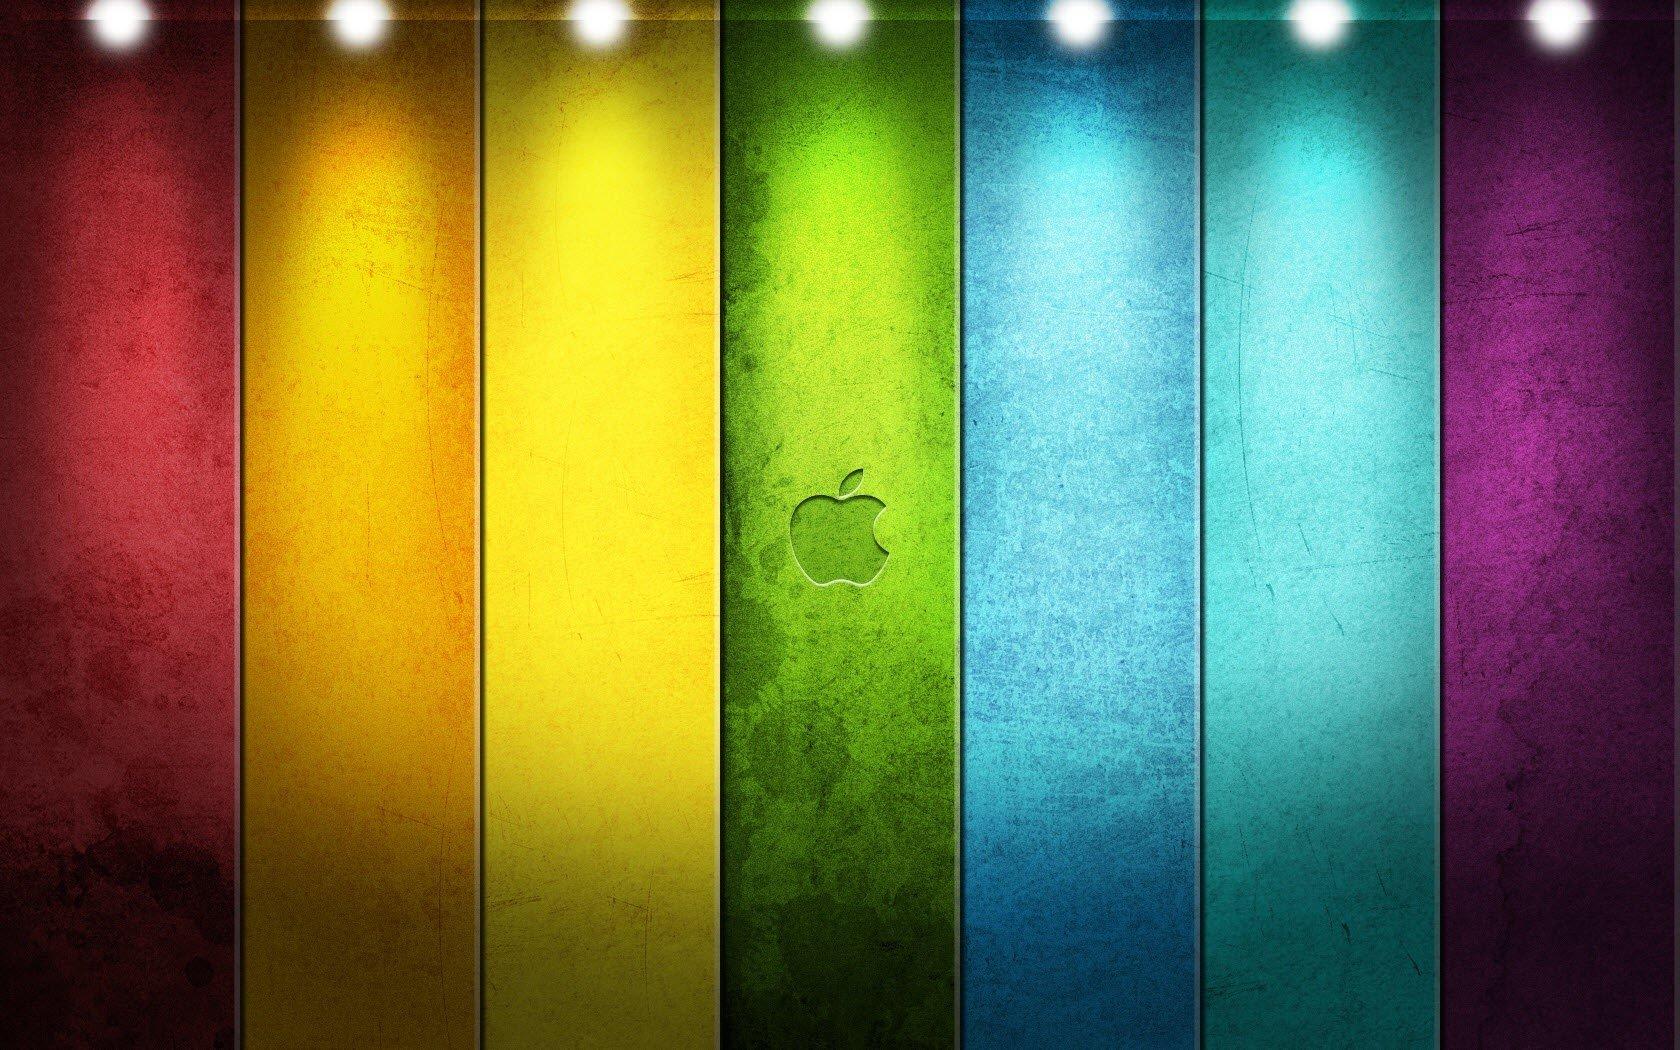 Fondo de pantalla de Apple en colores Imágenes